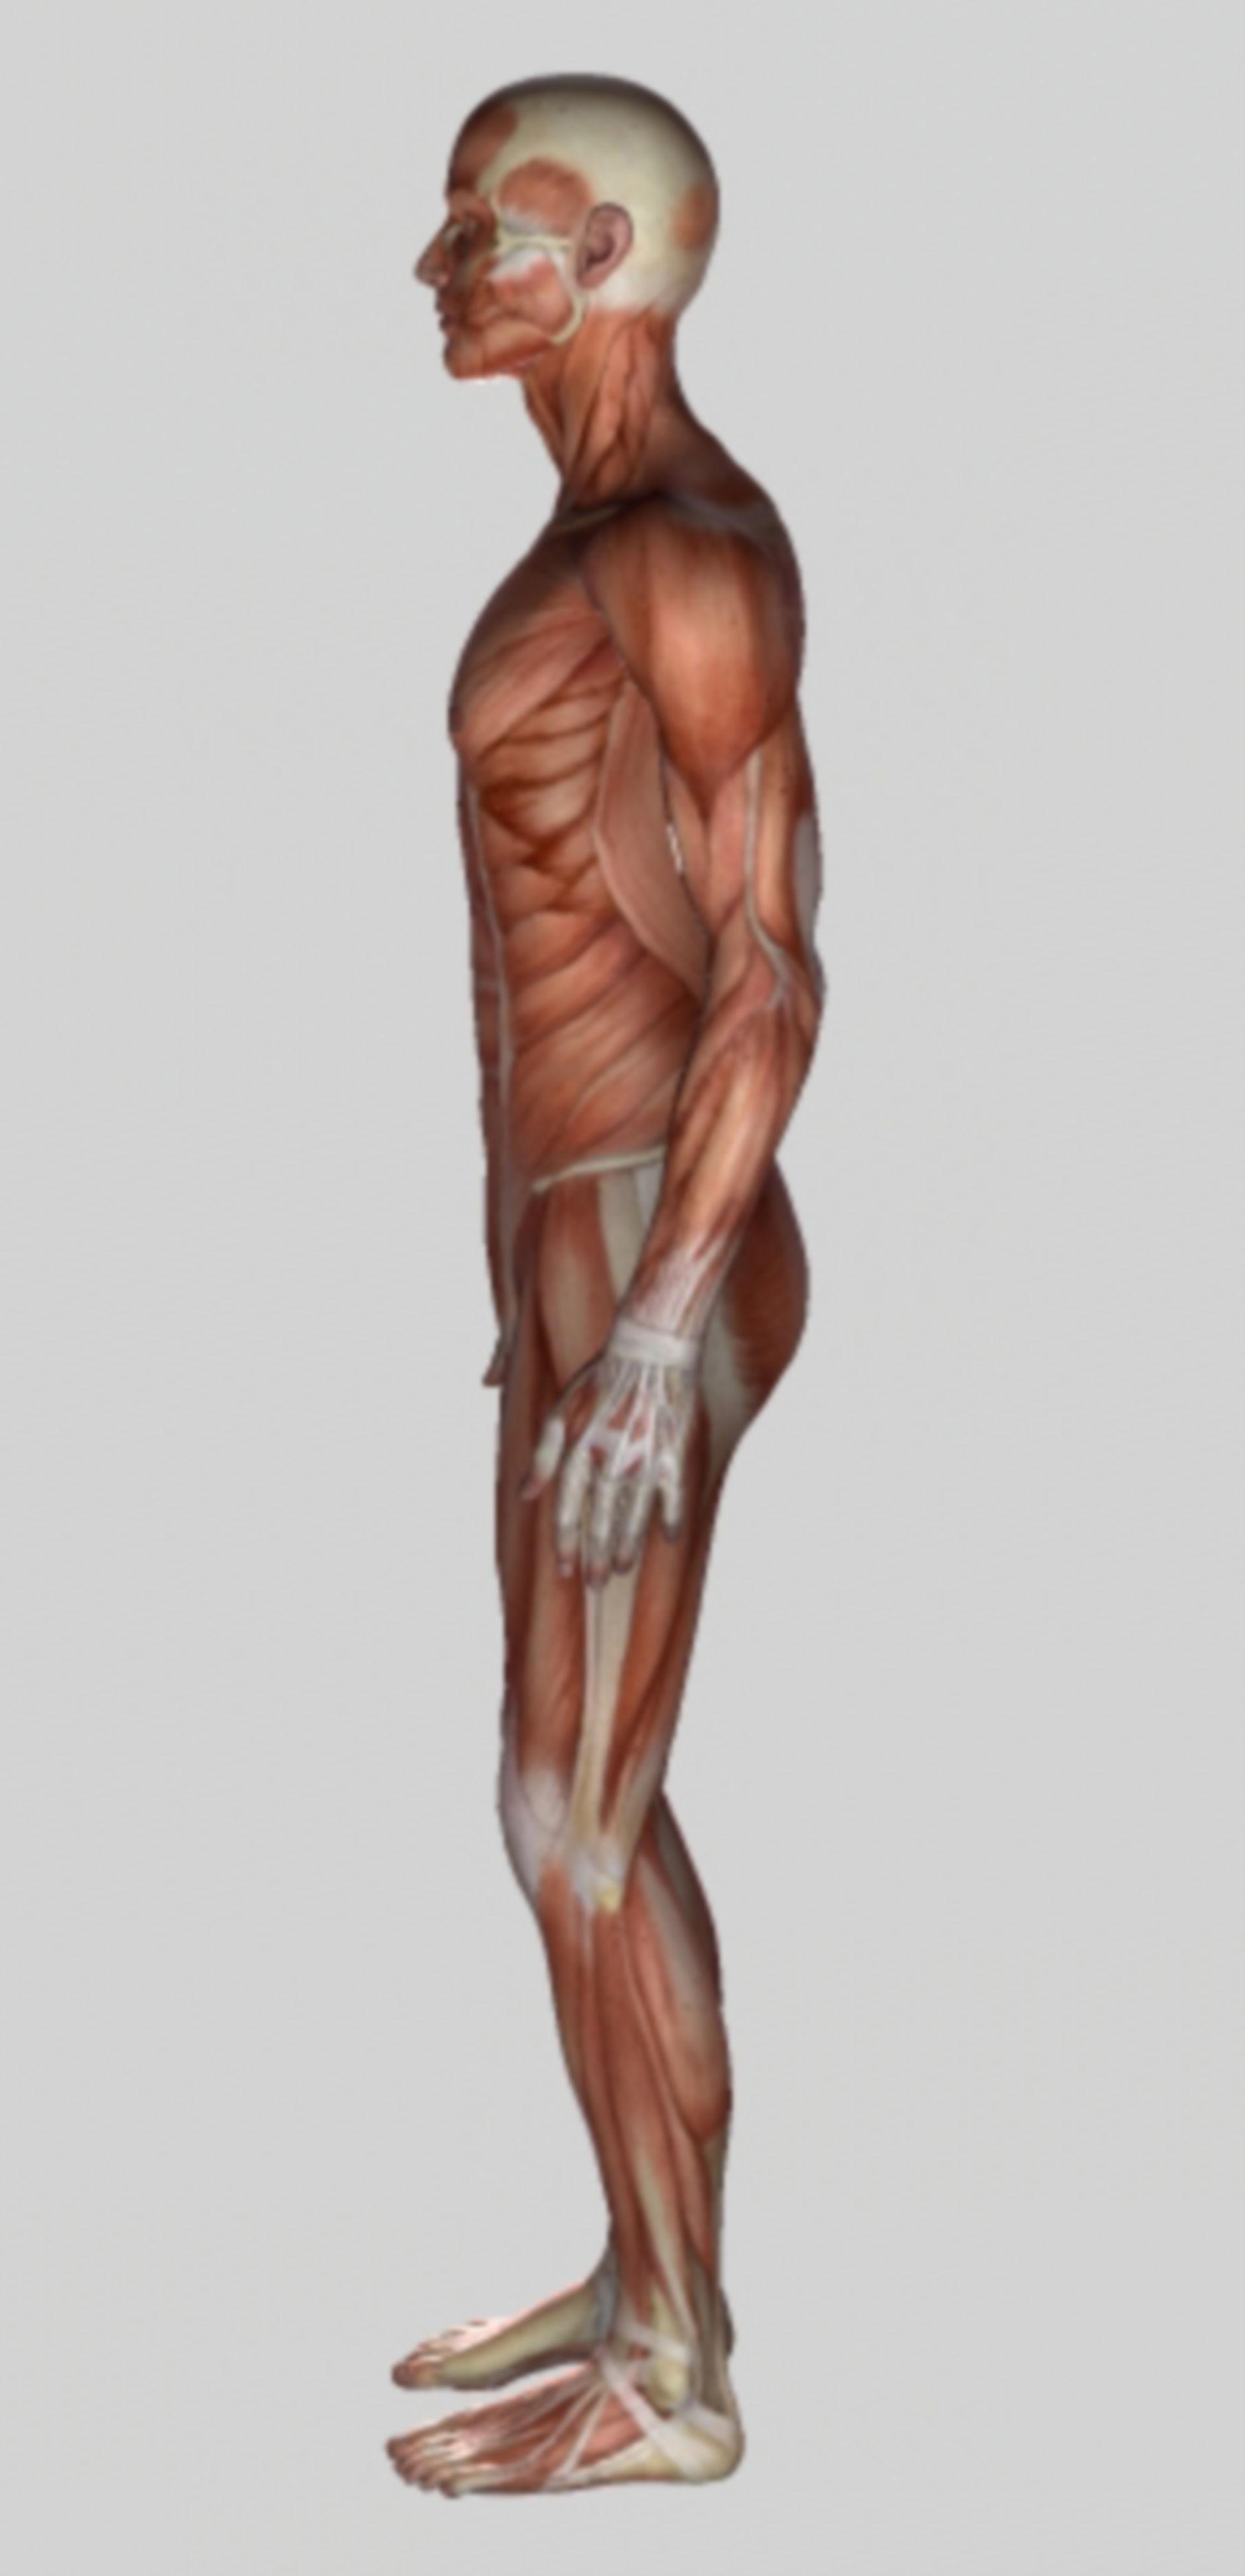 Muskulatur - Seitenansicht